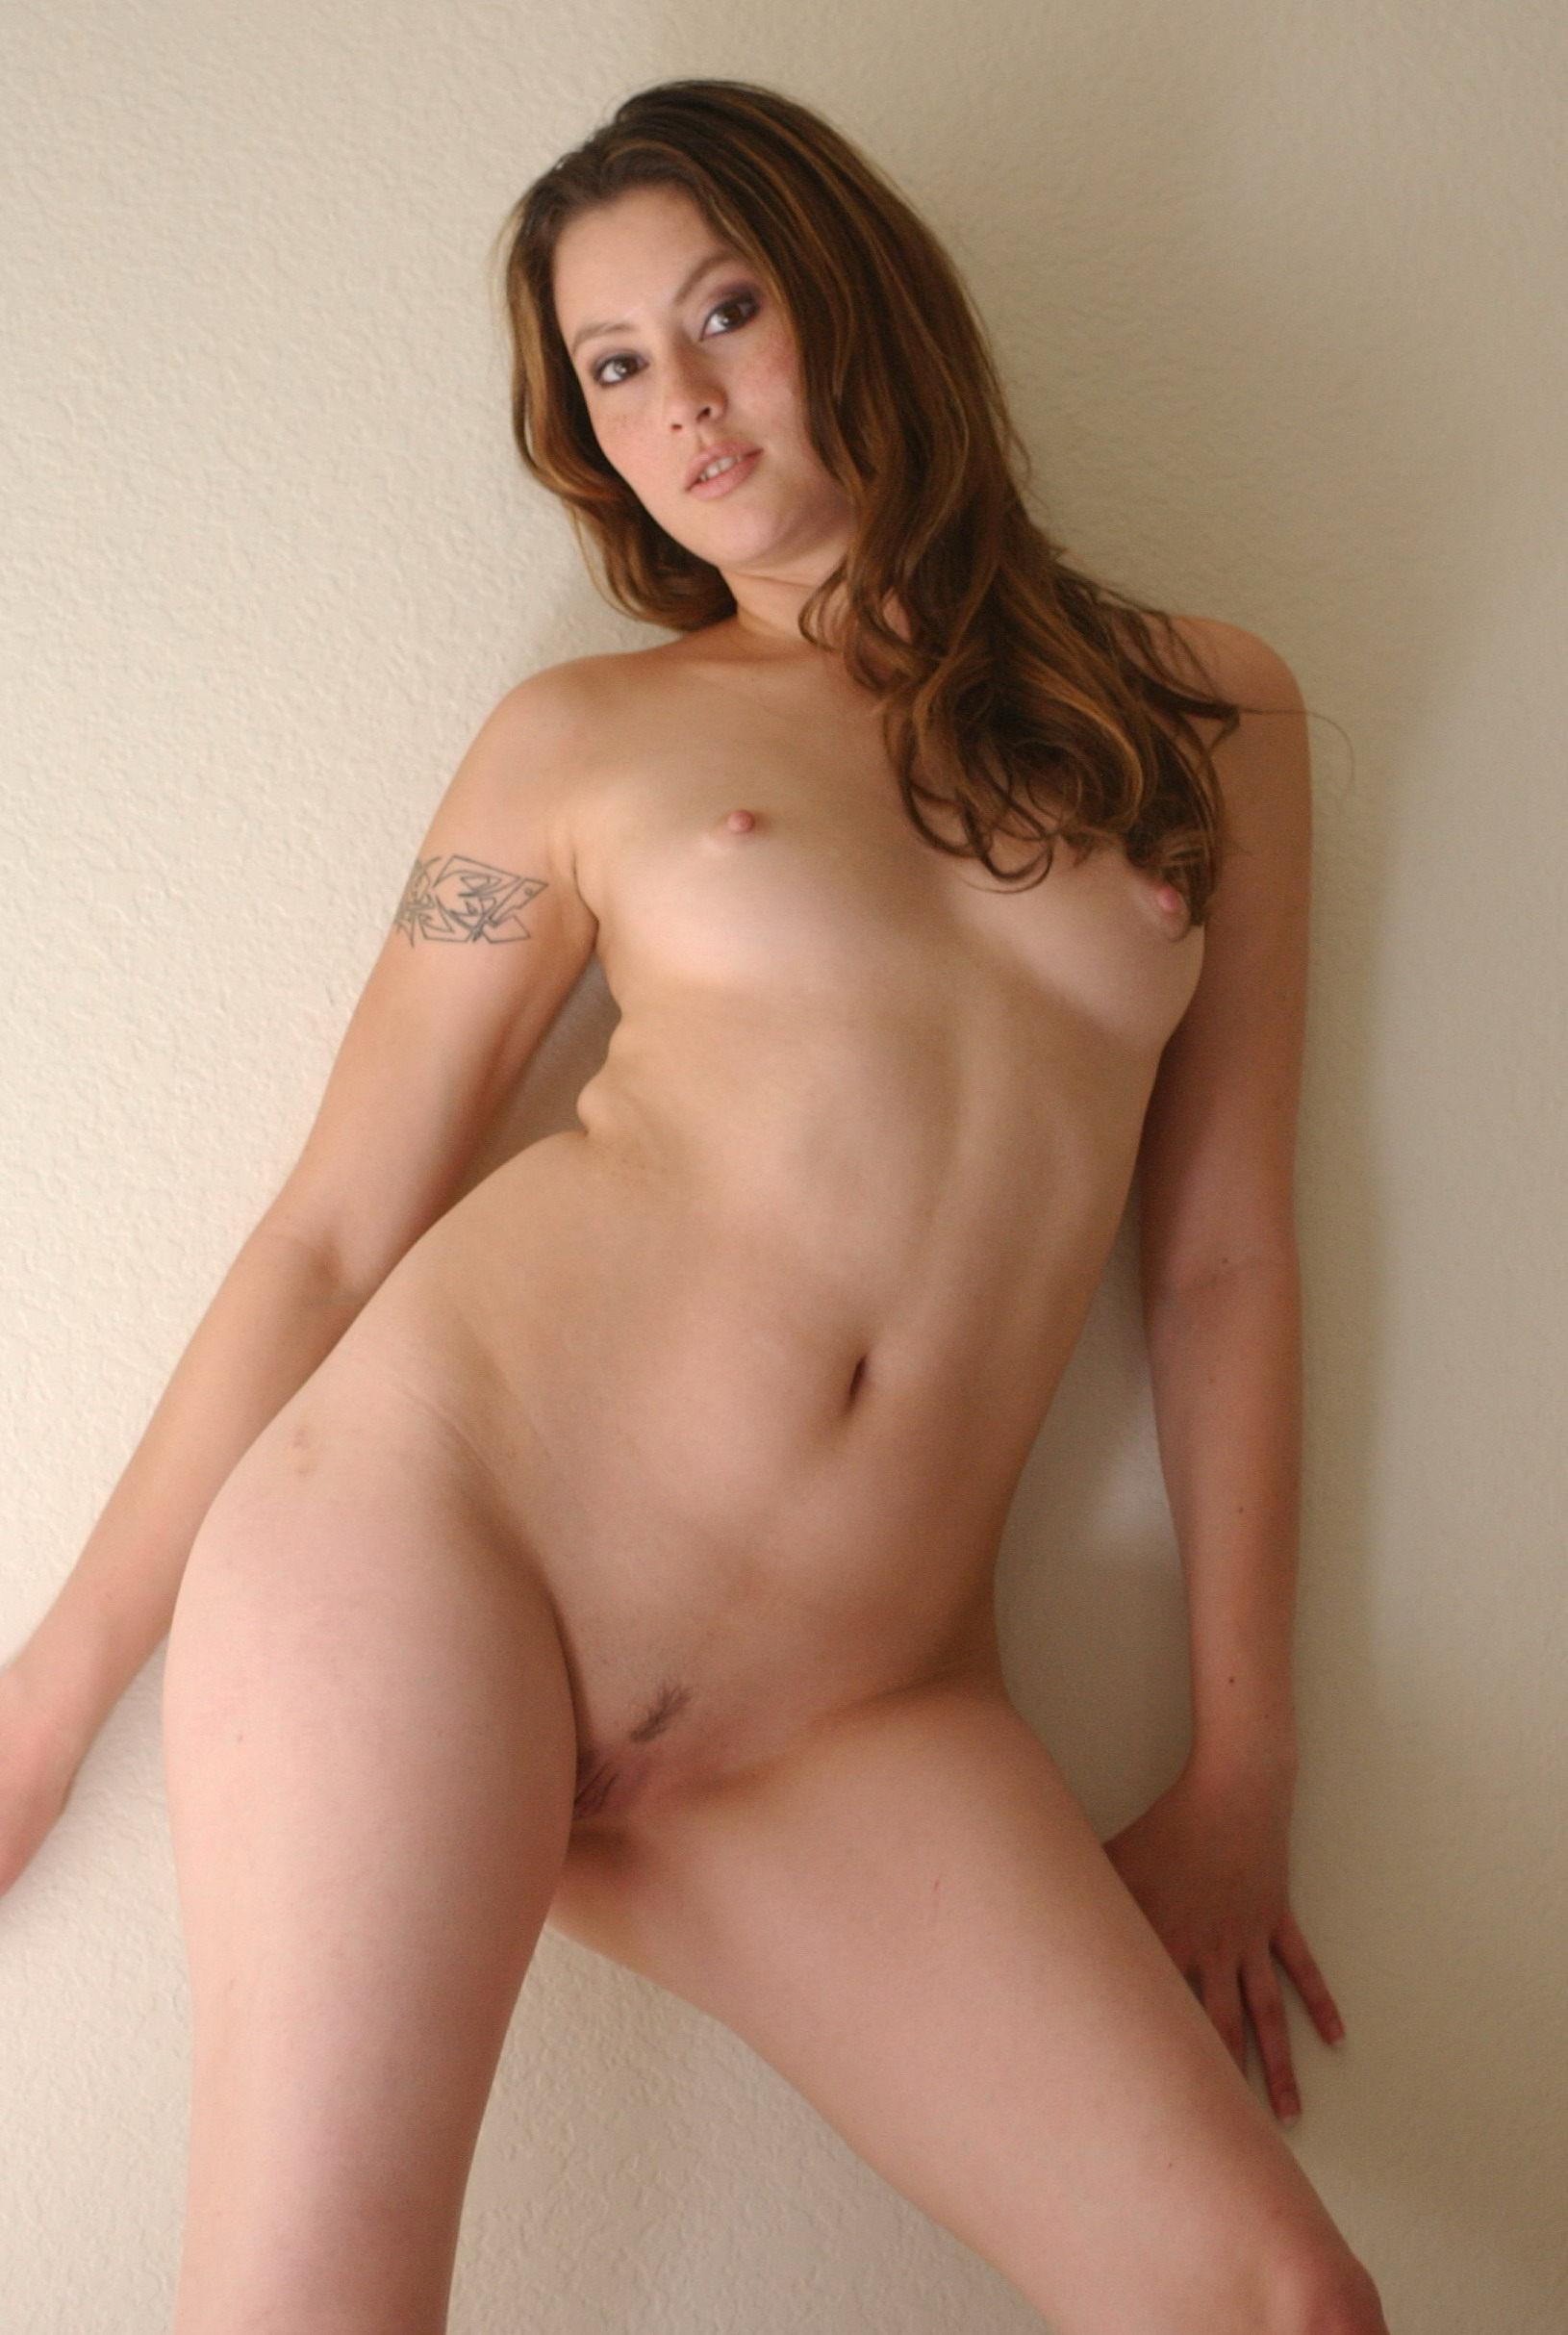 Jessie james decker nudes